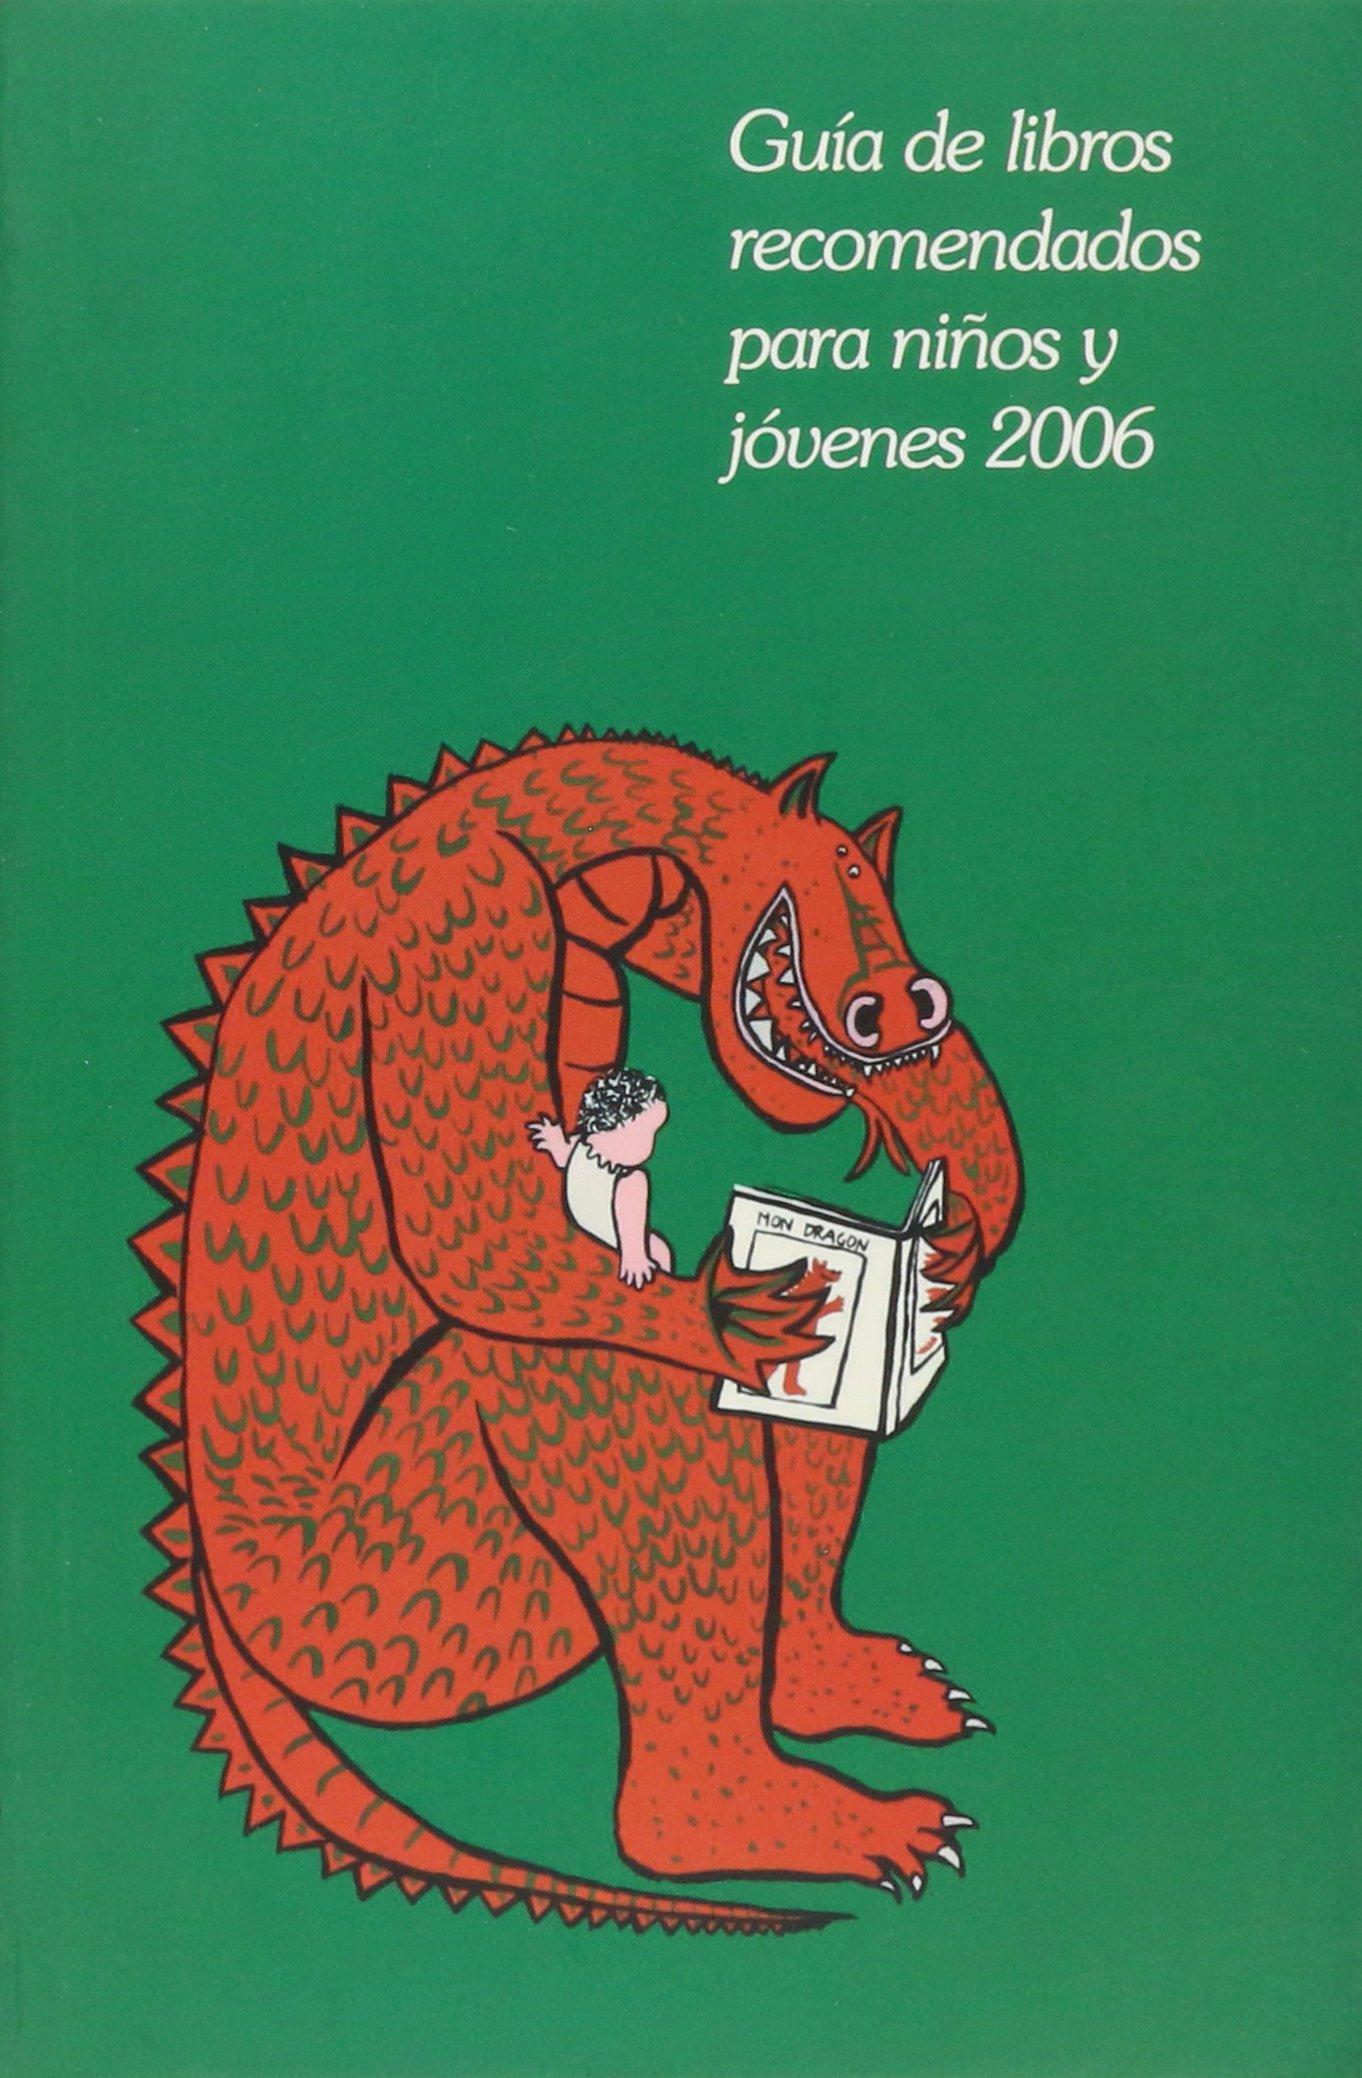 Guía de libros recomendados para niños y jovenes 2006 ...